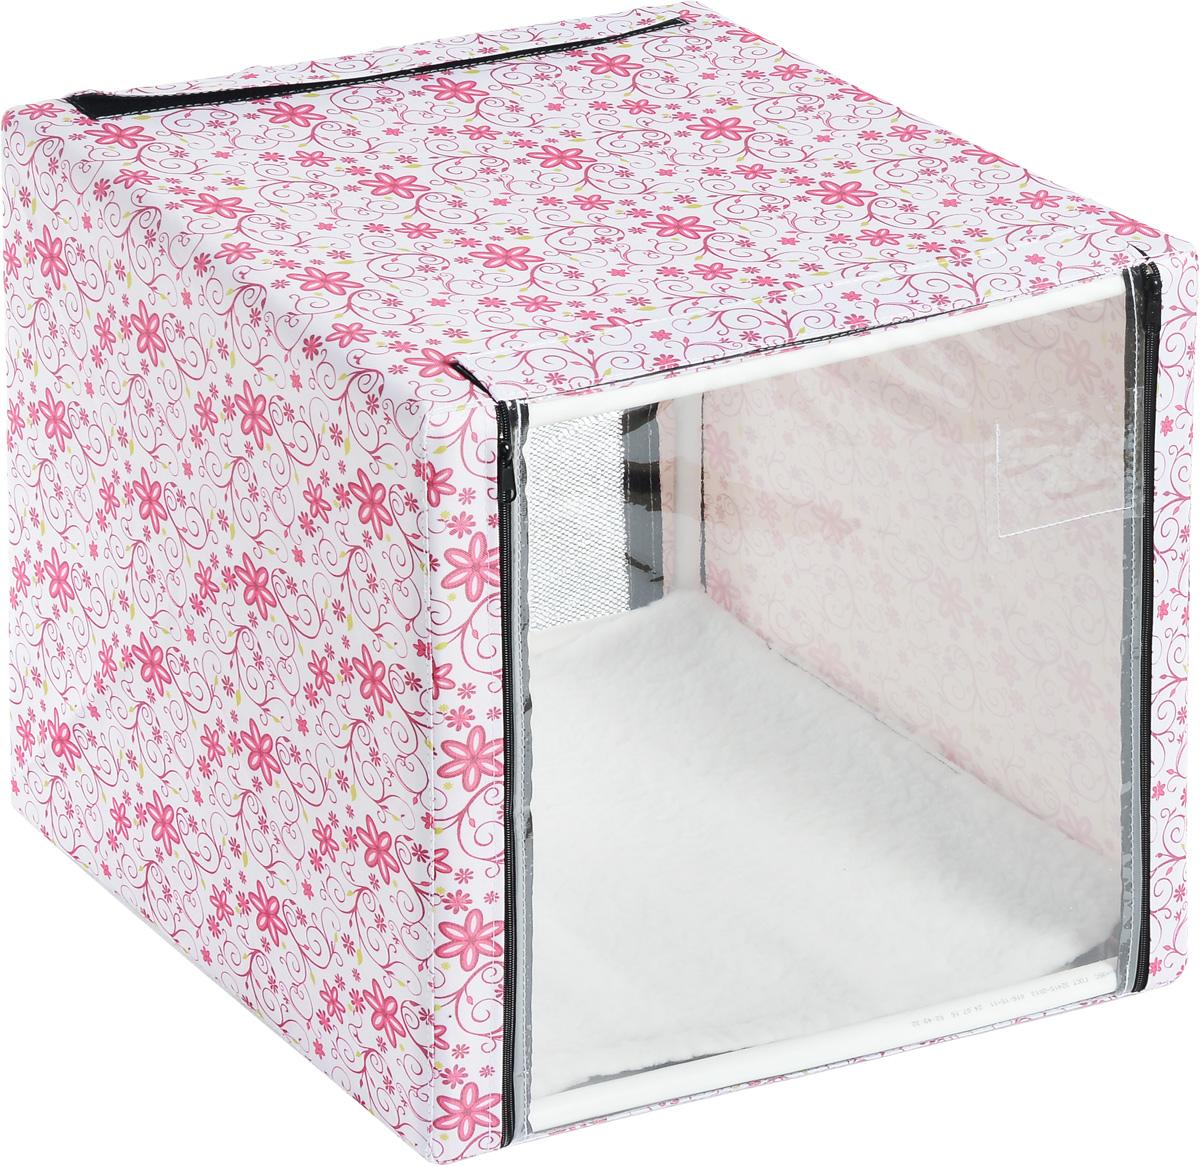 Клетка для животных  Elite Valley , выставочная, цвет: белый, розовый, зеленый, 56 х 56 х 56 см. К-10/1